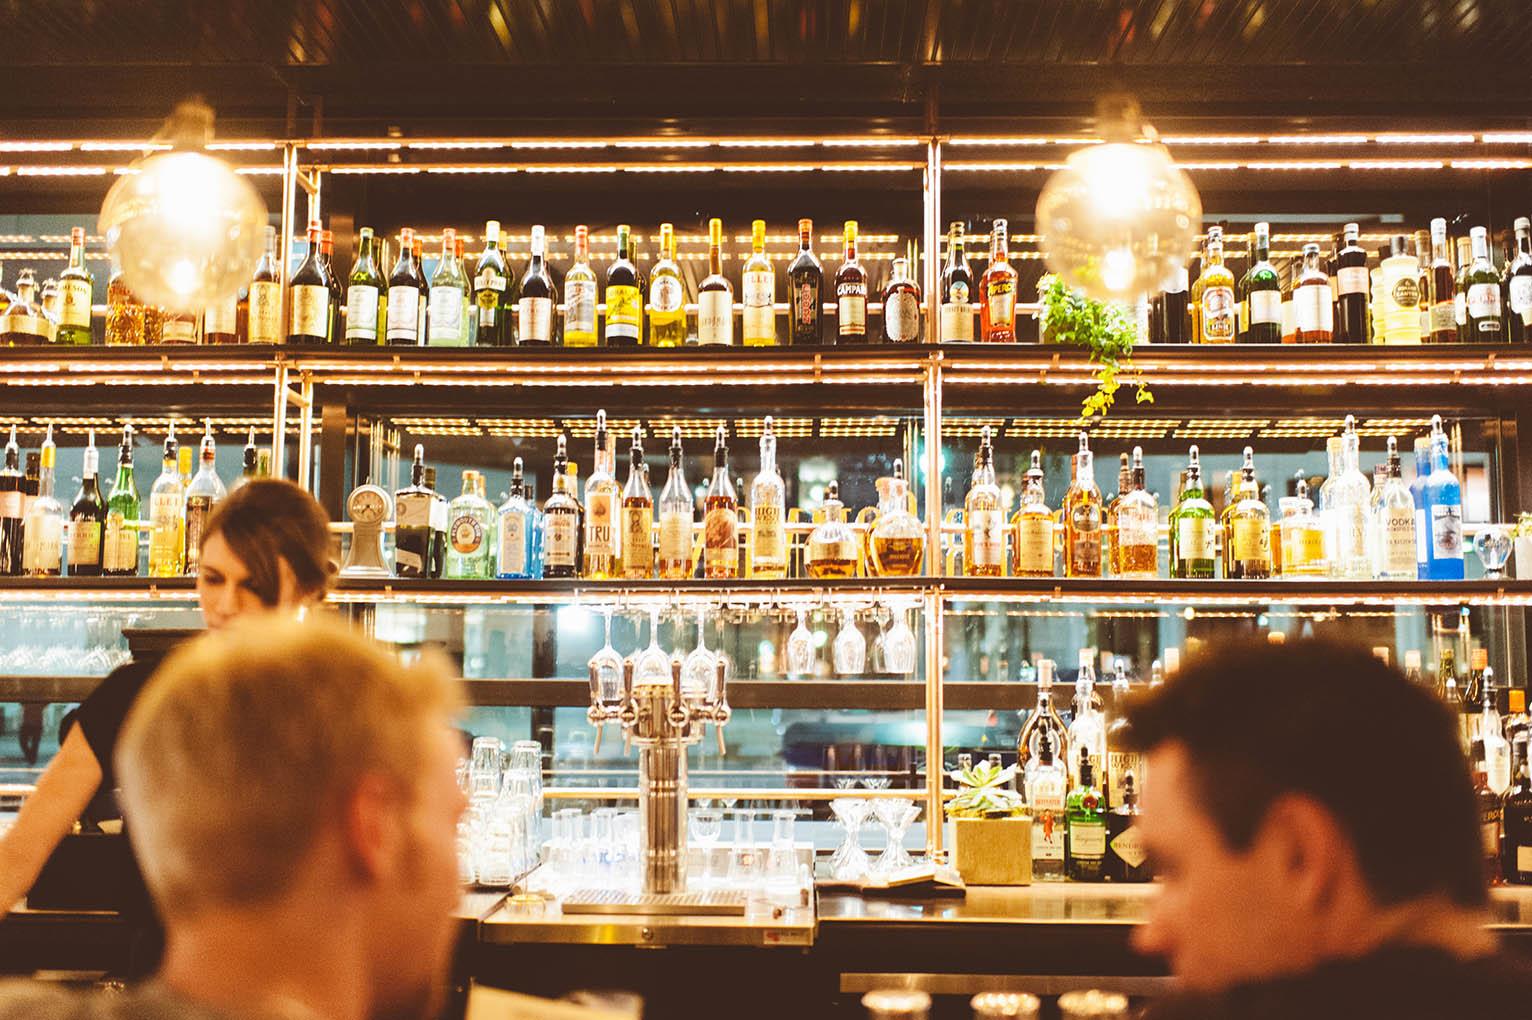 How Salt Lake City's Quirky Liquor Laws Lead to Unique Cocktail Menus